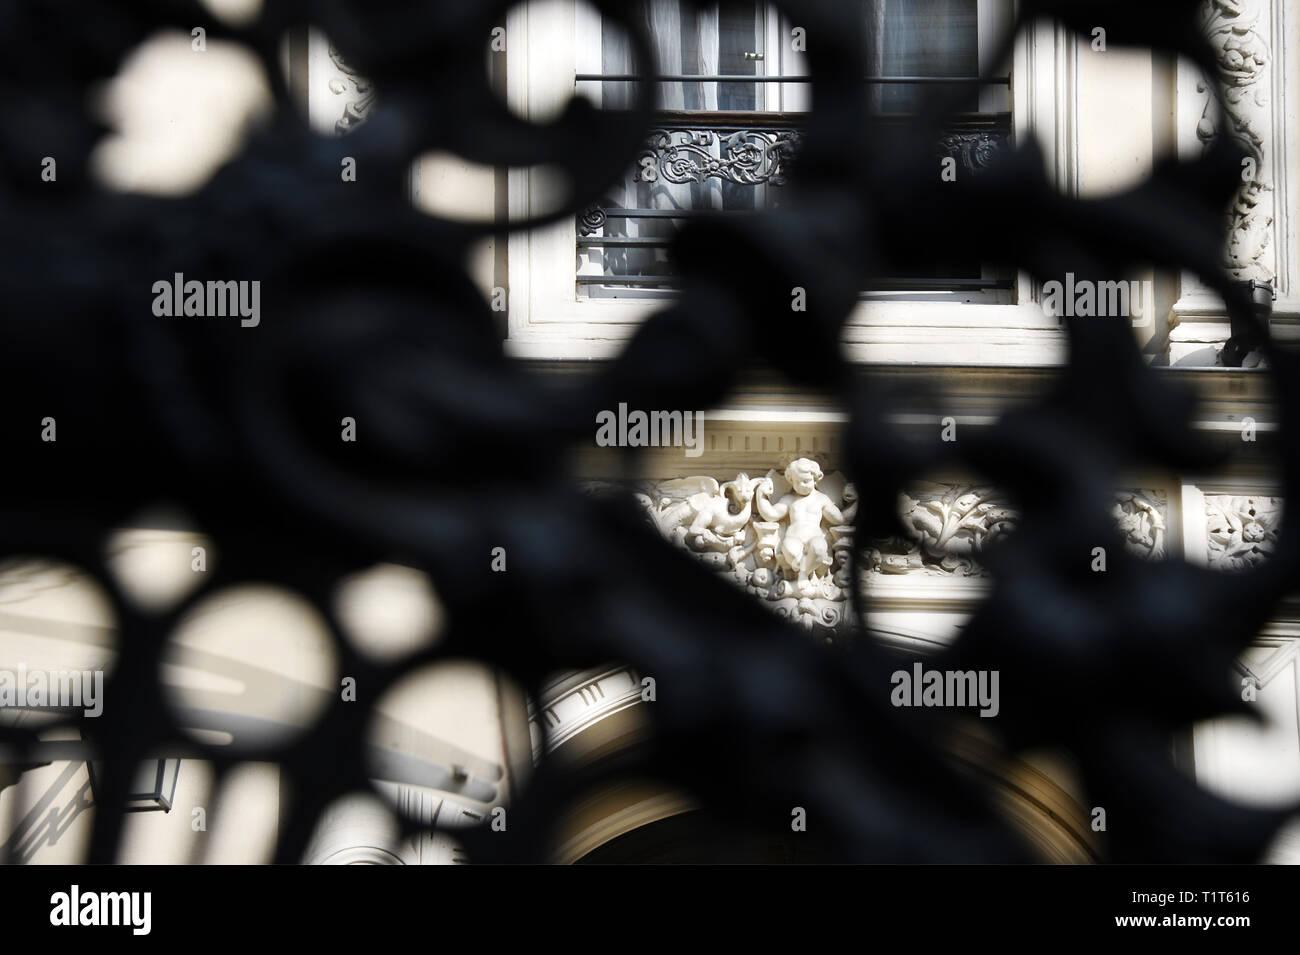 Détails d'une façade d'un bâtiment du 19ème siècle - Paris 9e - France Banque D'Images